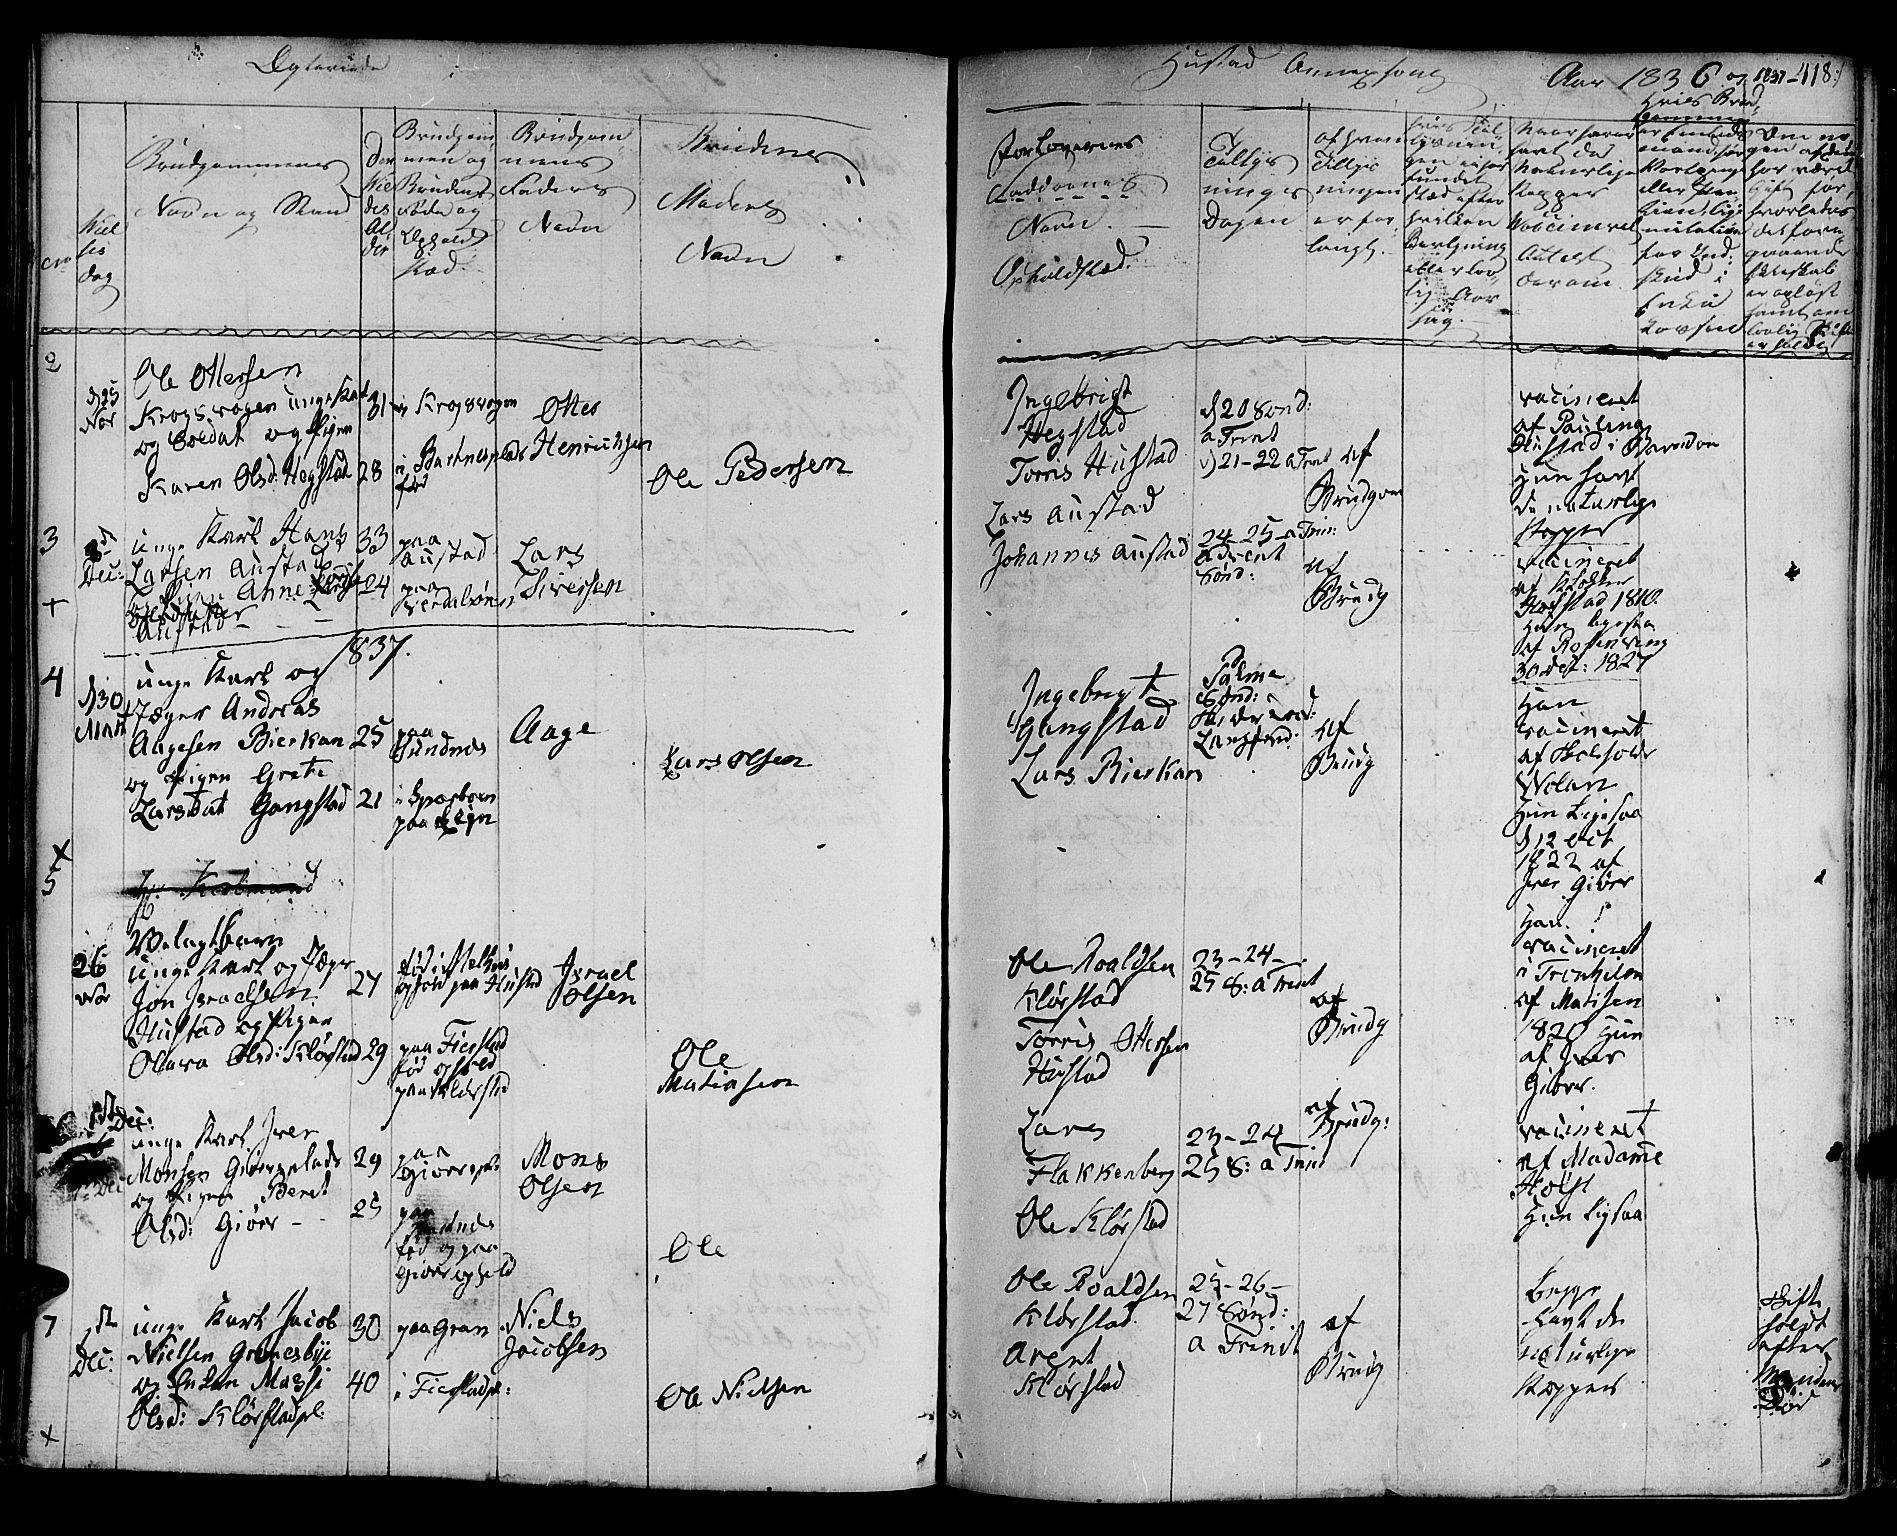 SAT, Ministerialprotokoller, klokkerbøker og fødselsregistre - Nord-Trøndelag, 730/L0277: Ministerialbok nr. 730A06 /3, 1830-1839, s. 418